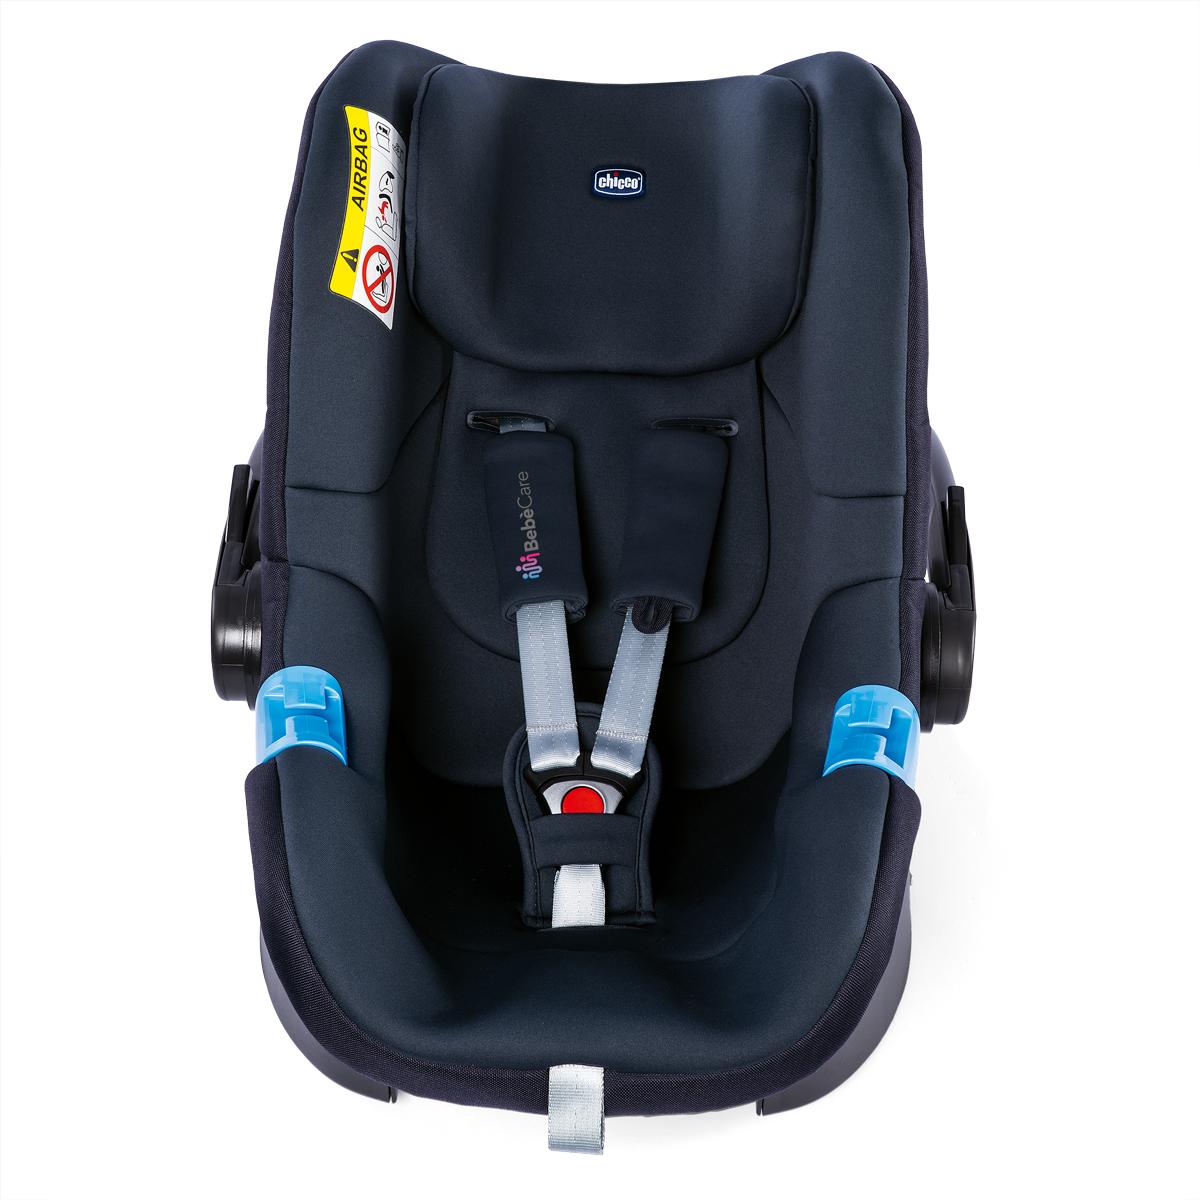 Scaun auto Chicco Oasys 0+ UP BebeCare, Blue, 0 luni+